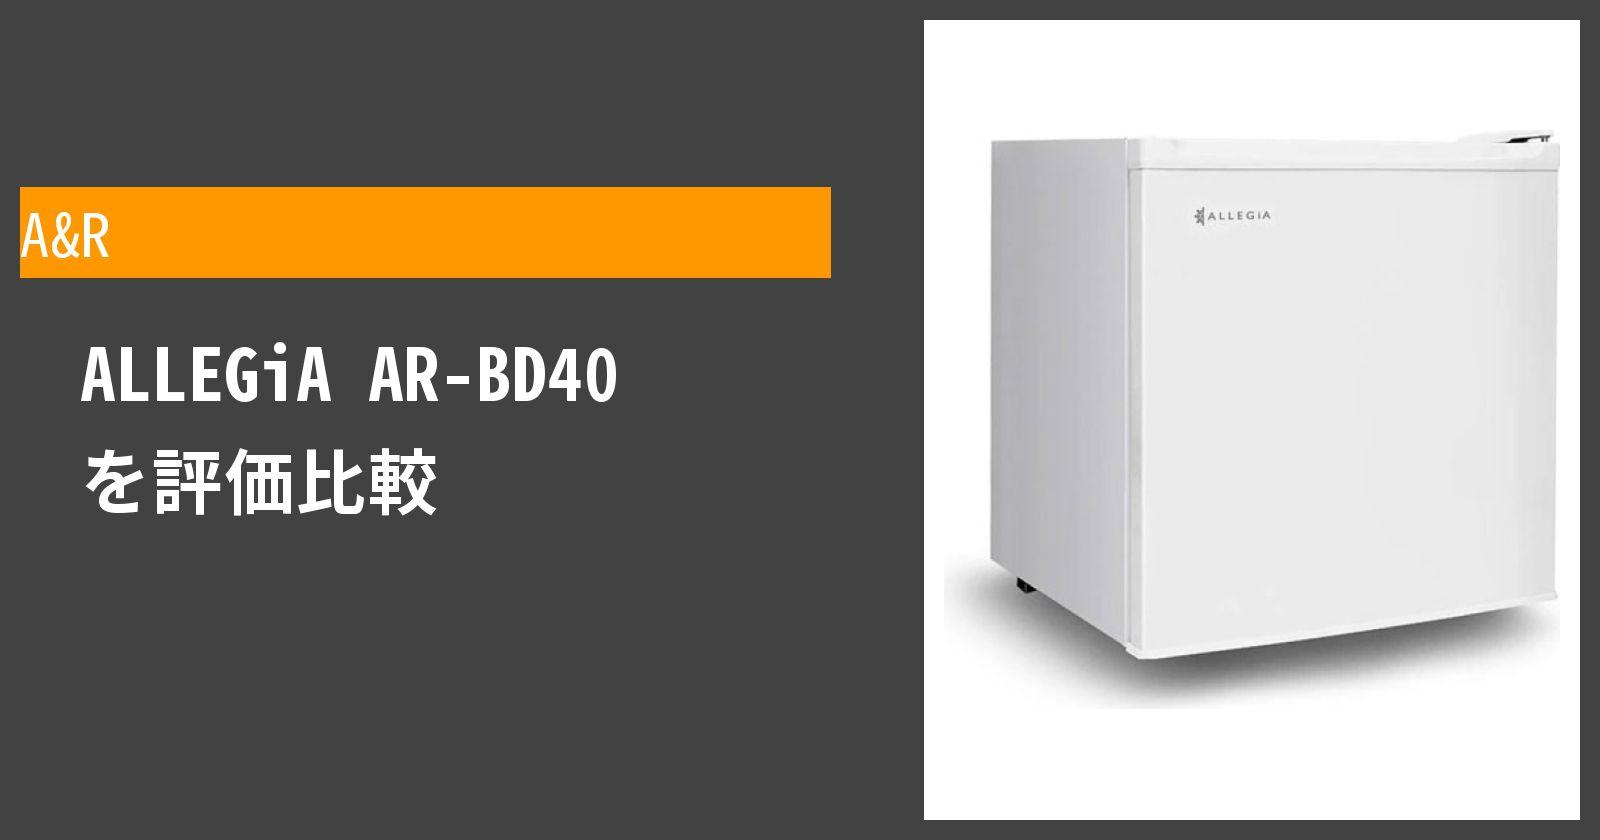 ALLEGiA AR-BD40を徹底評価